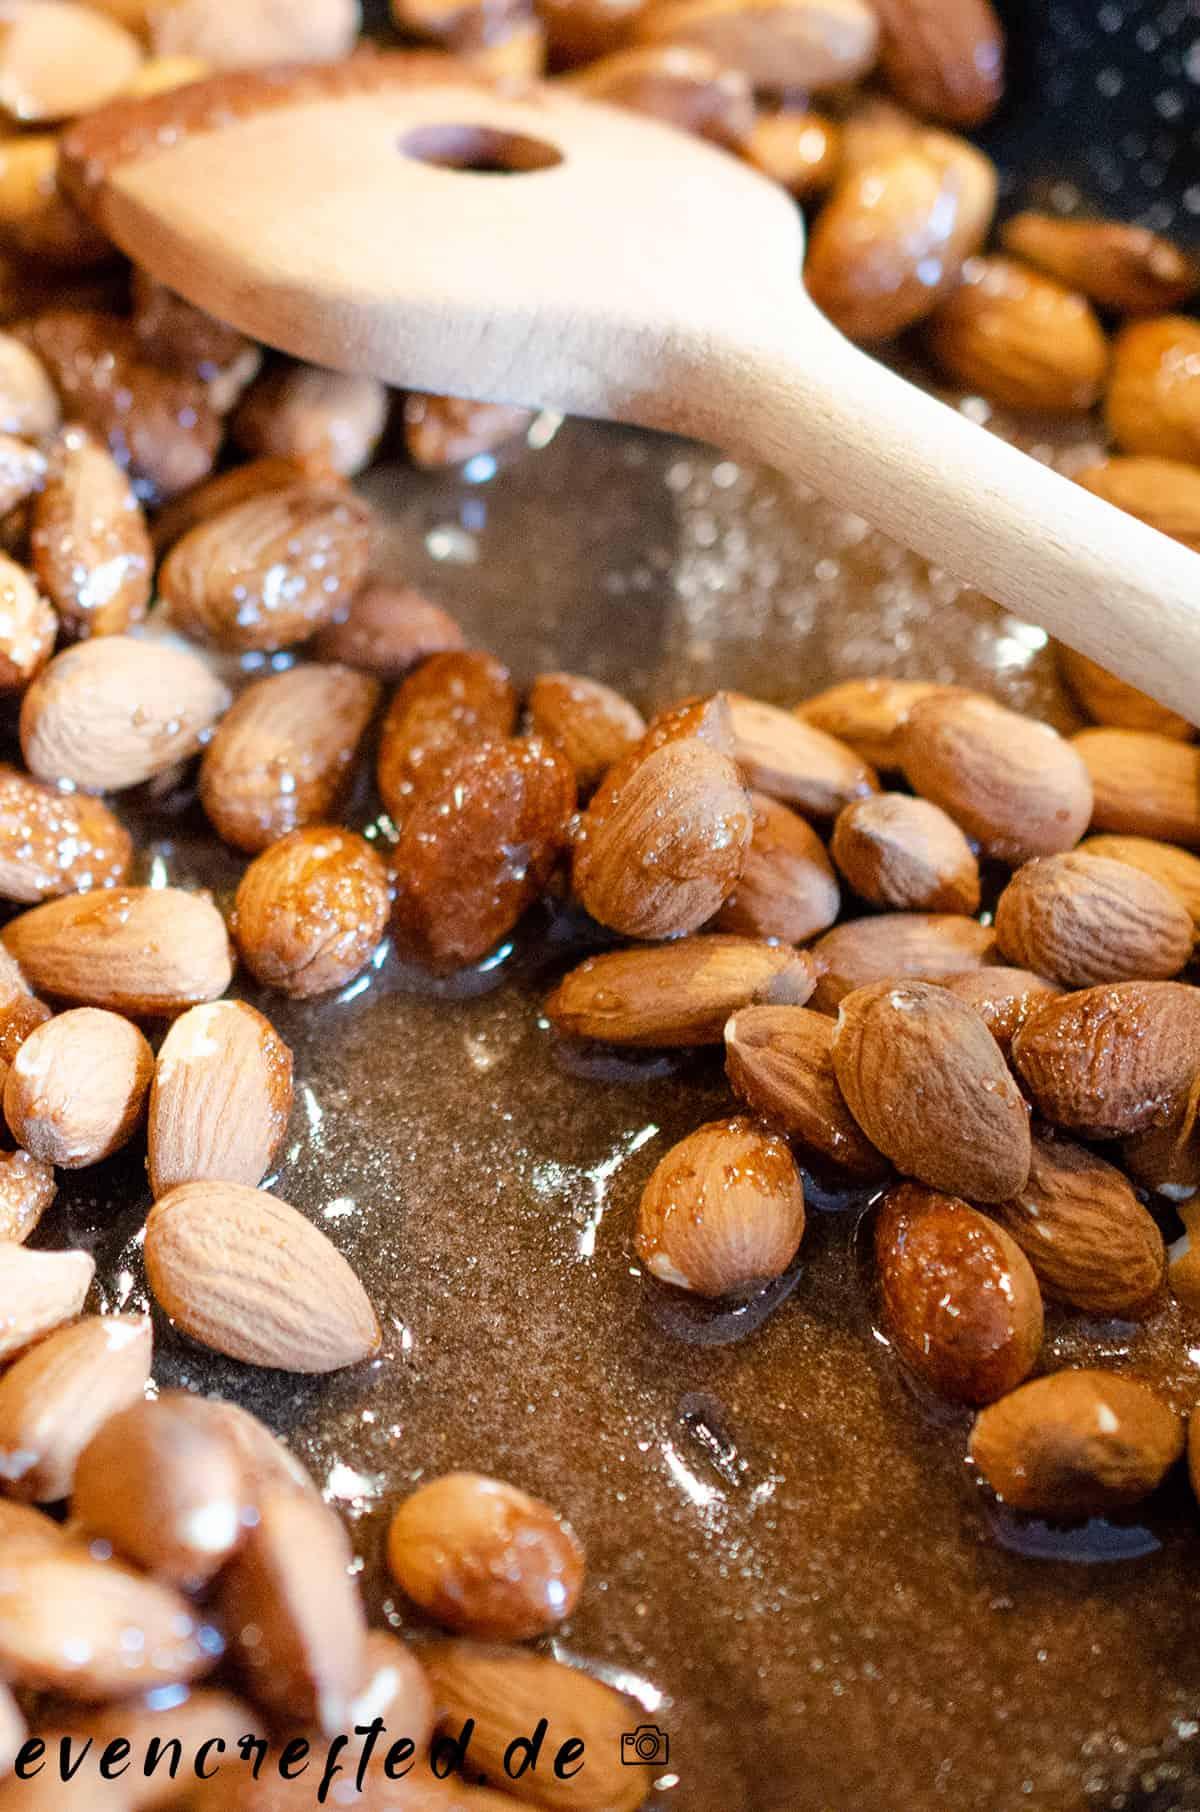 Gebrannte selber machen ist super einfach- mein Rezept dafür kommt mit wenig Zucker aus evencrafted.de ♥ DIY & Naturkosmetik Blog